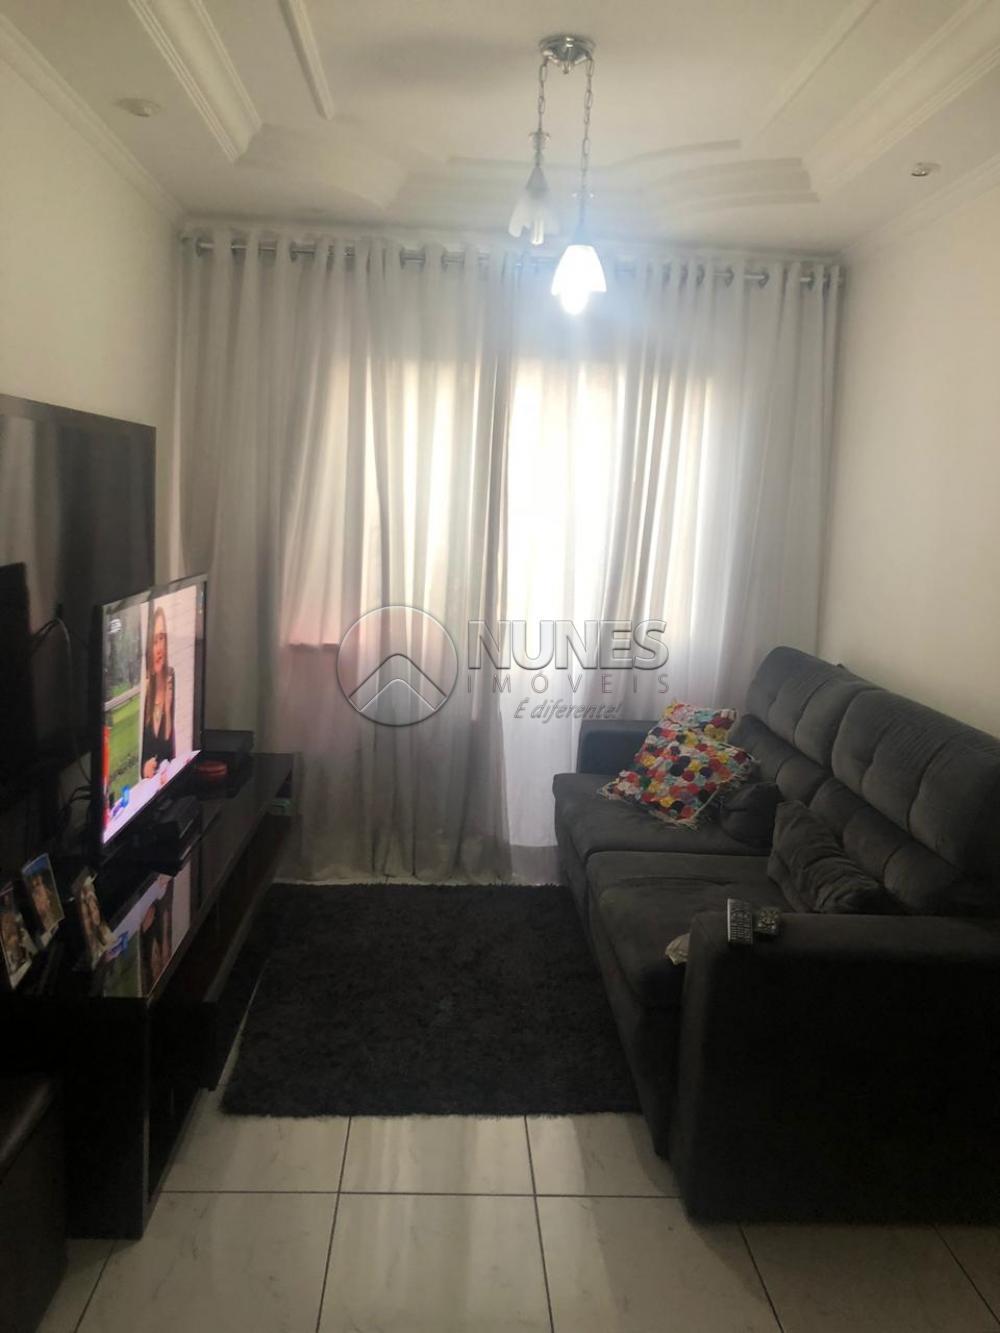 Comprar Apartamento / Padrão em Osasco apenas R$ 215.000,00 - Foto 4